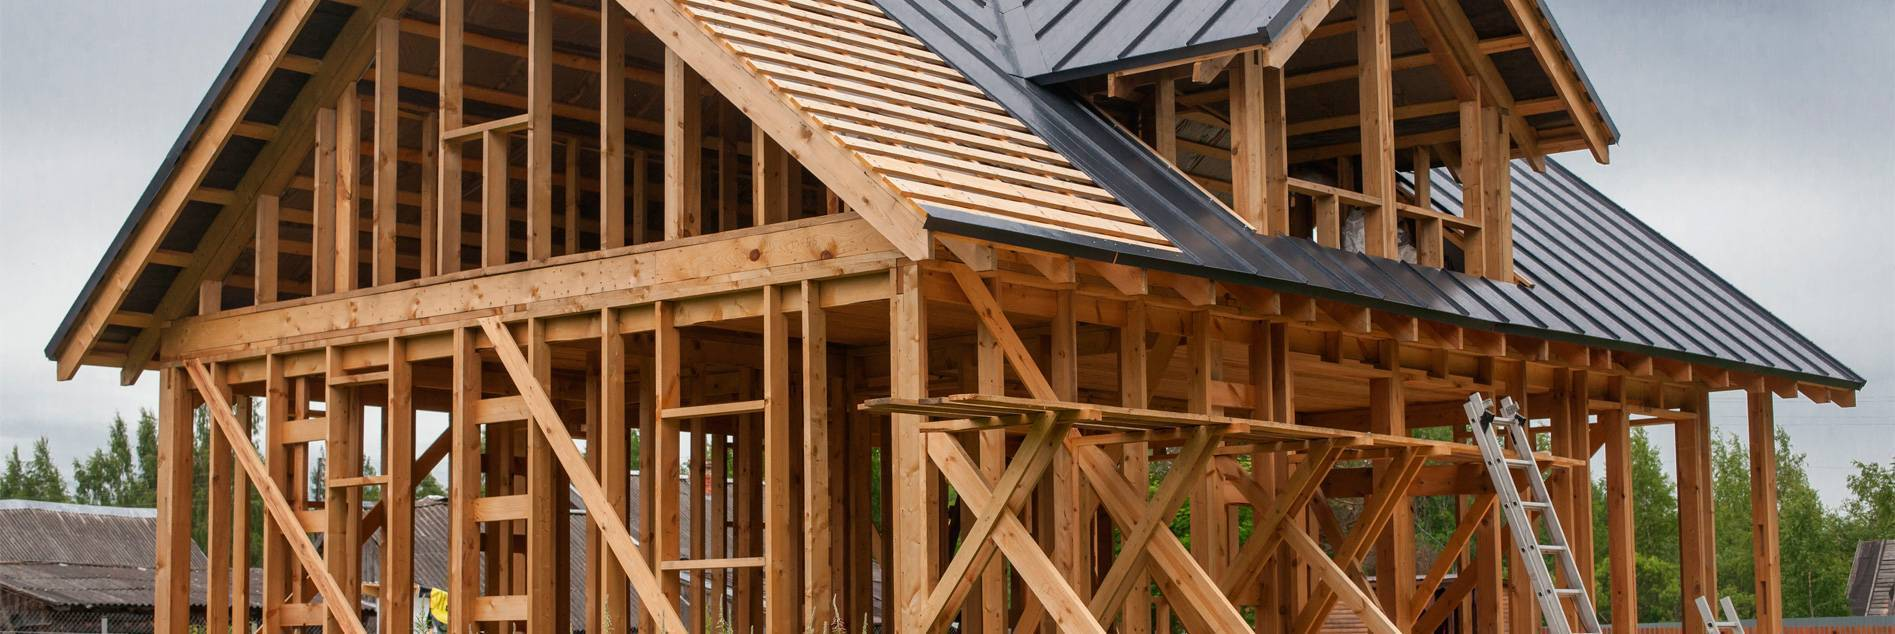 Технология строительства скандинавского каркасного дома